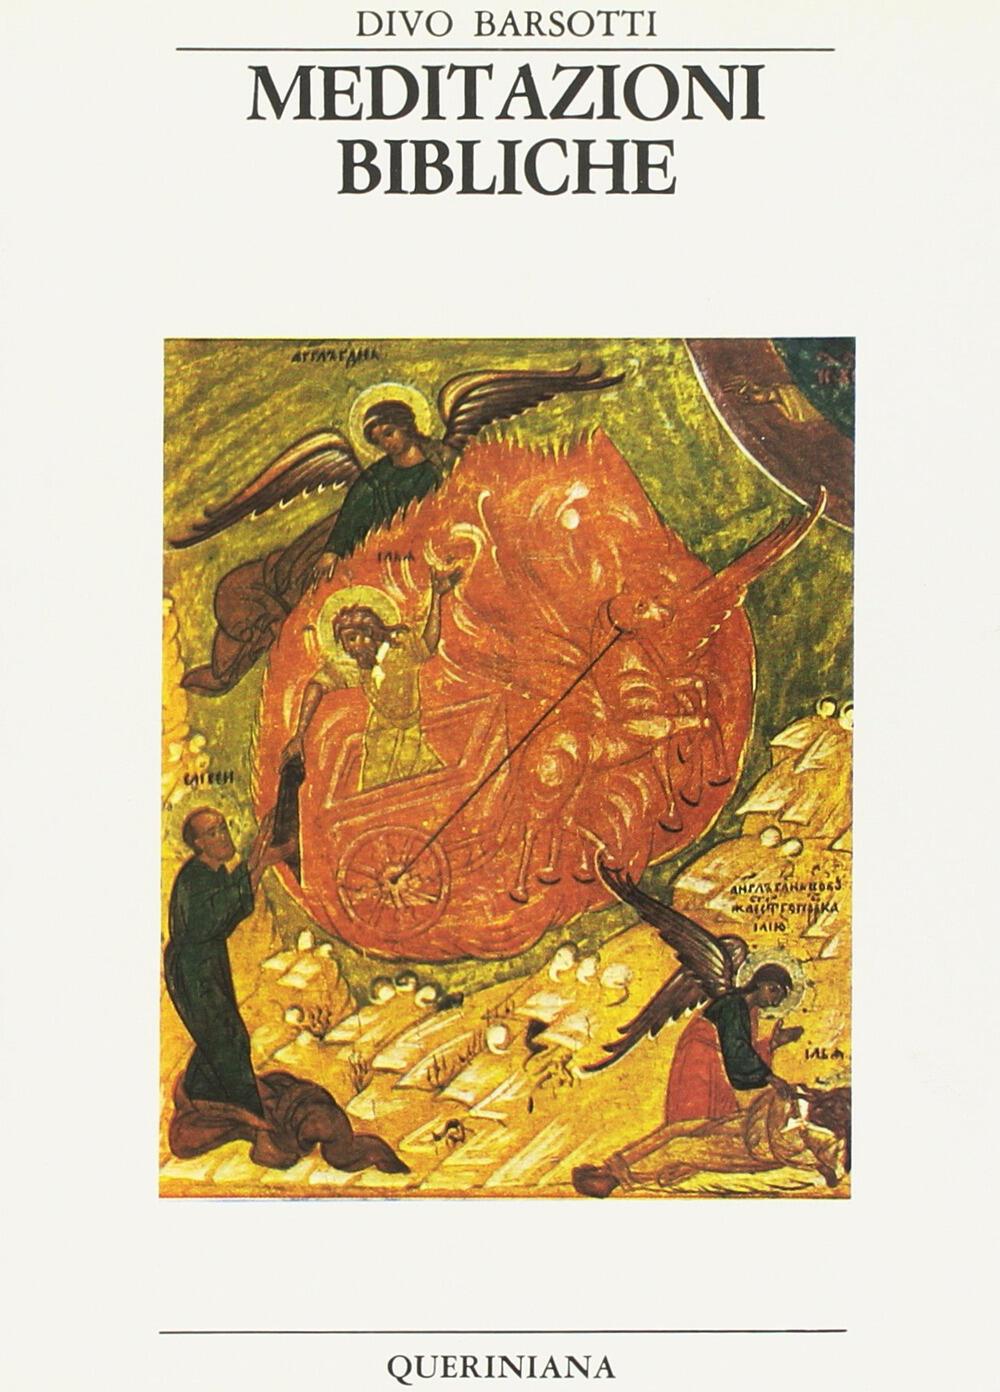 Meditazioni bibliche divo barsotti libro queriniana bibbia e liturgia ibs - Divo barsotti meditazioni ...